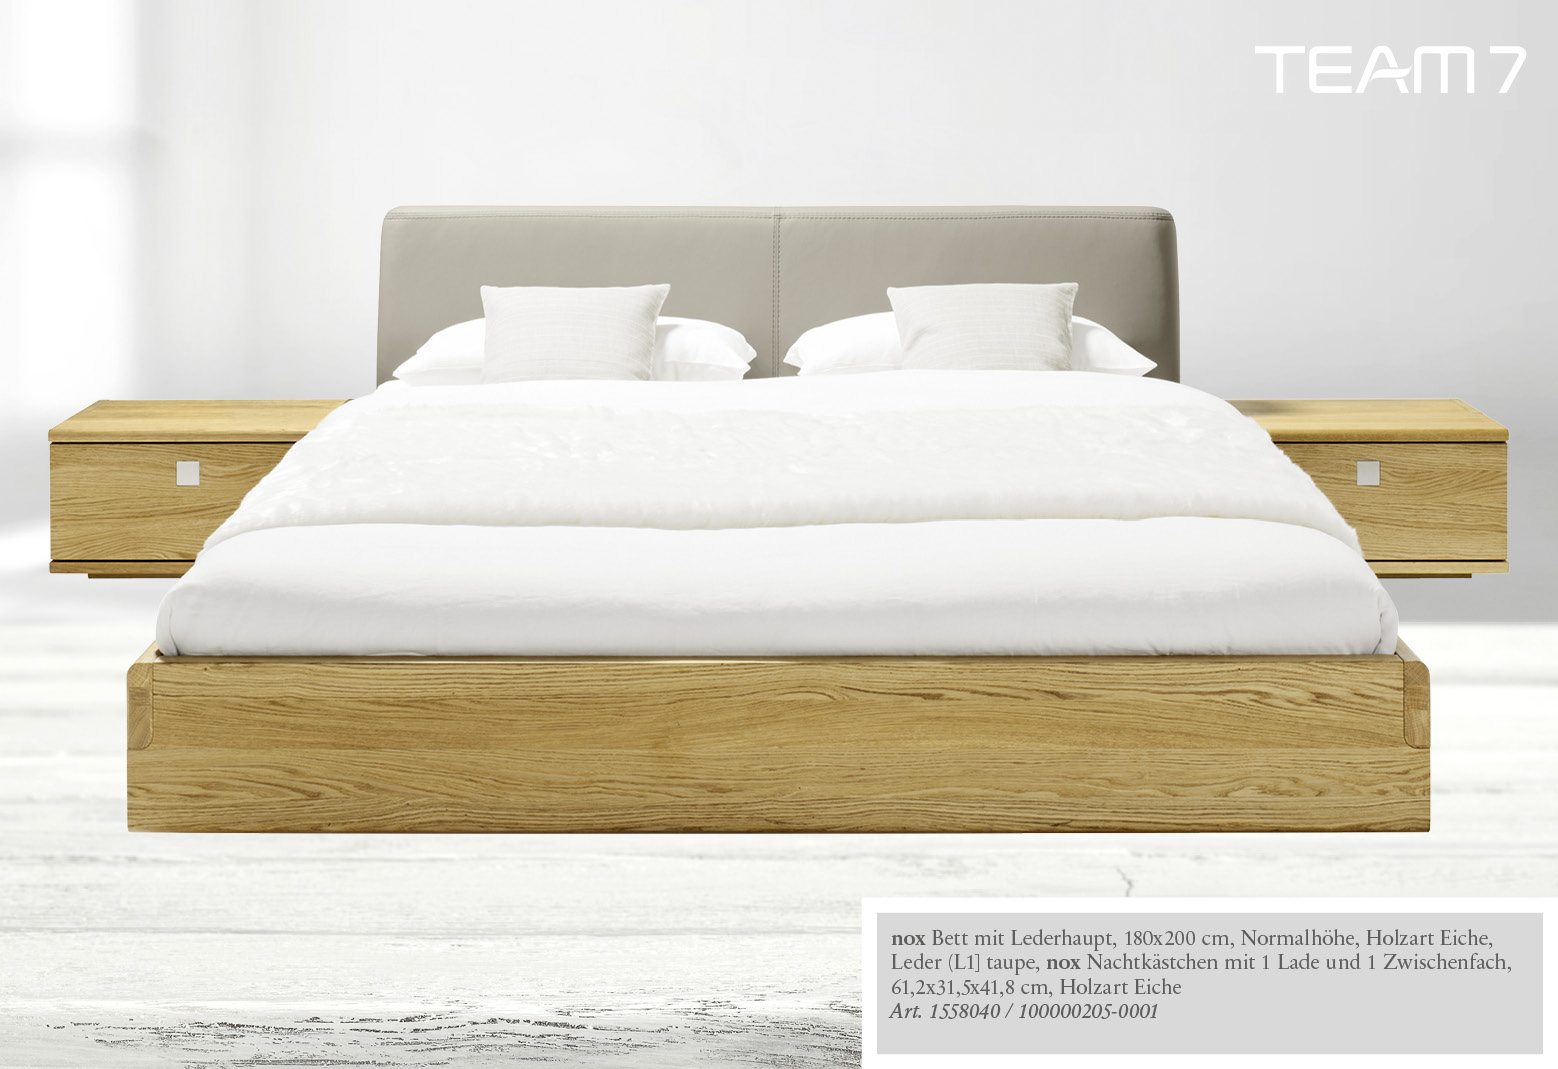 Full Size of Betten Aufbewahrungsbeutel Bett Mit Aufbewahrung 160x200 Malm Ikea 90x200 120x200 140x200 Aufbewahrungstasche Vakuum 180x200 Aufbewahrungsbox Erholsamer Bett Betten Mit Aufbewahrung